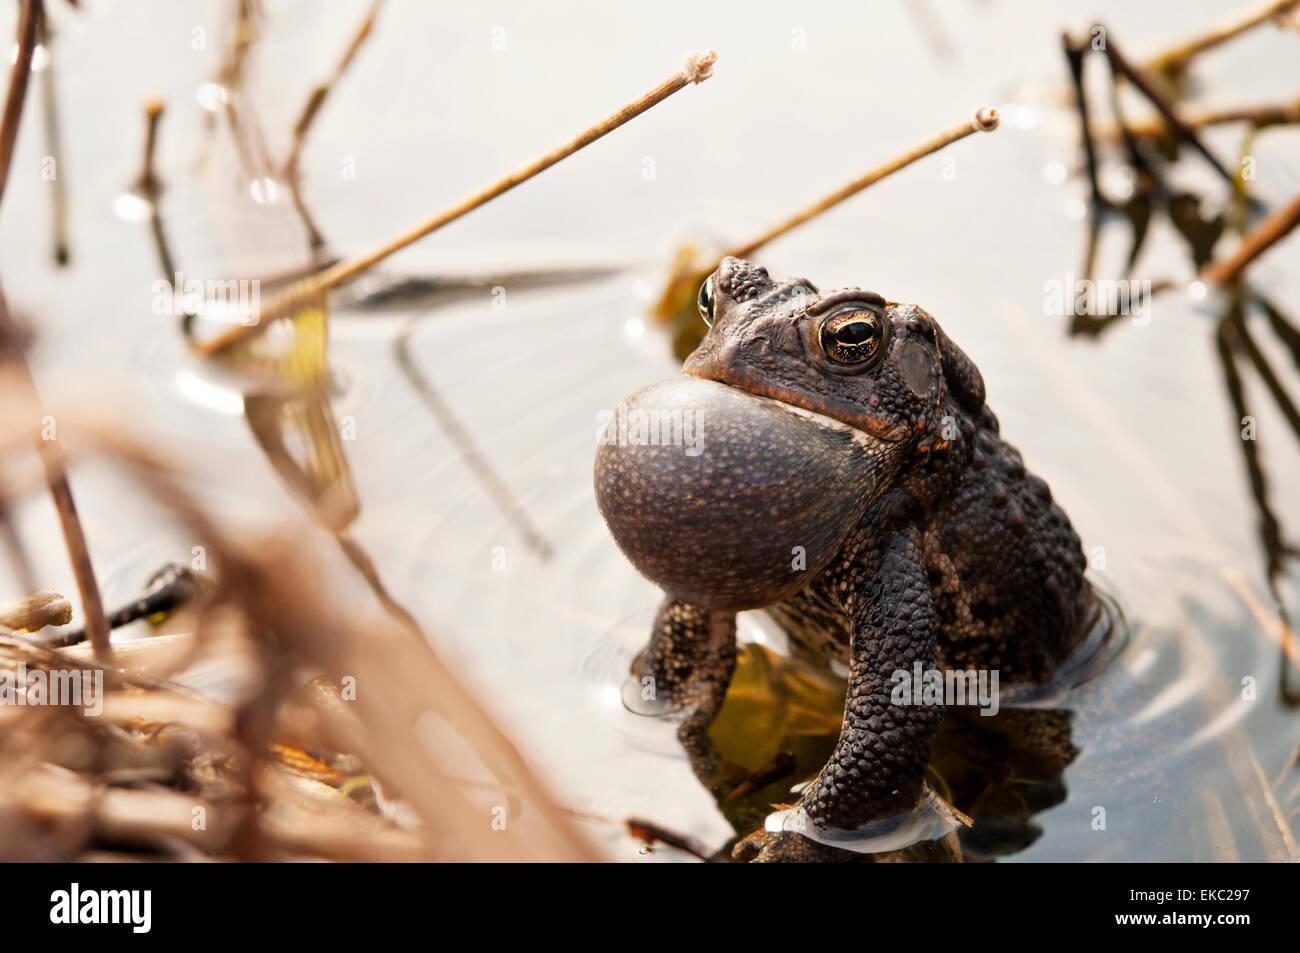 Croaking Bullfrog - Stock Image